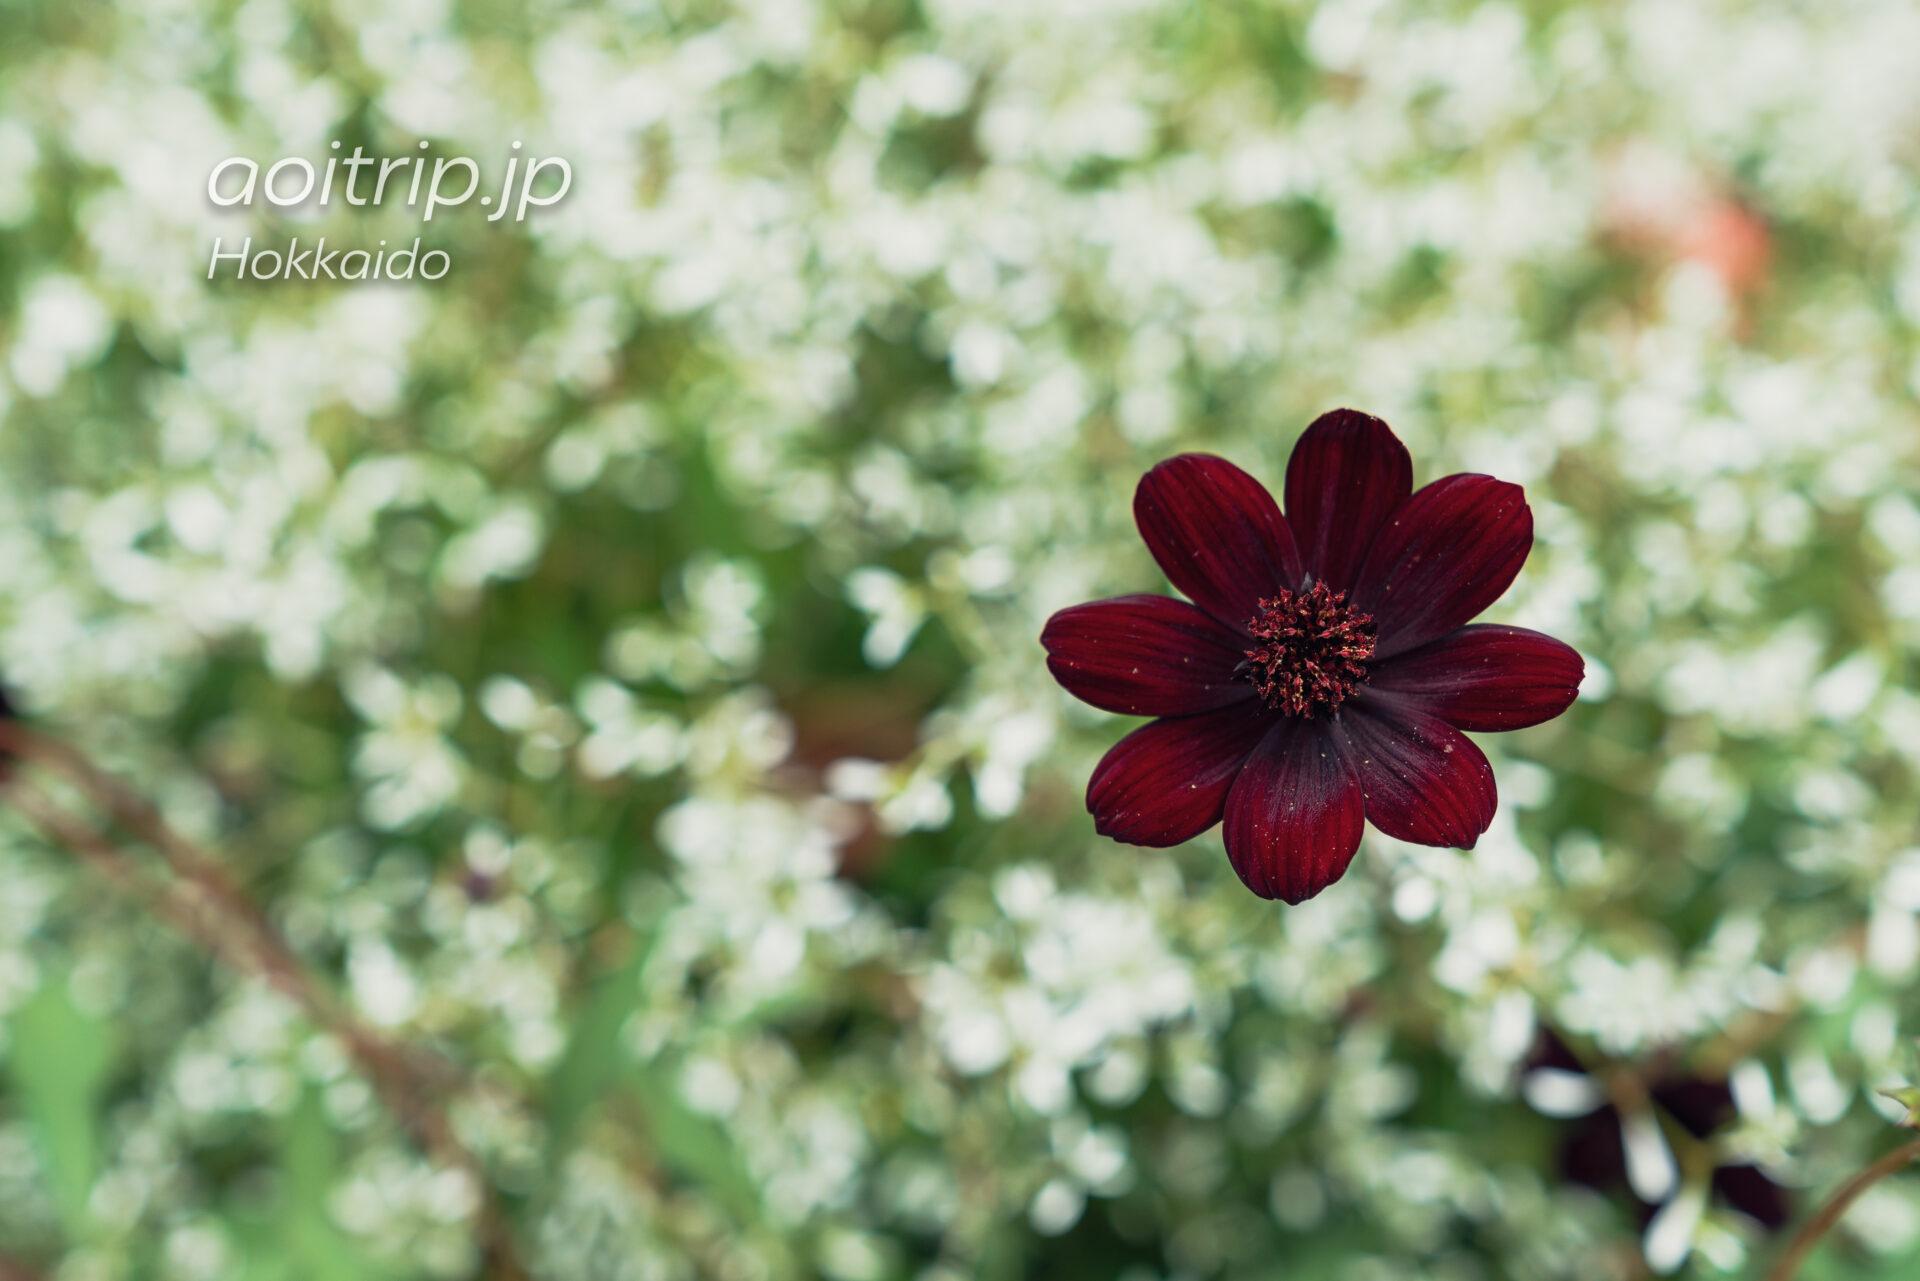 えこりん村 銀河庭園のブラック&ホワイトガーデン